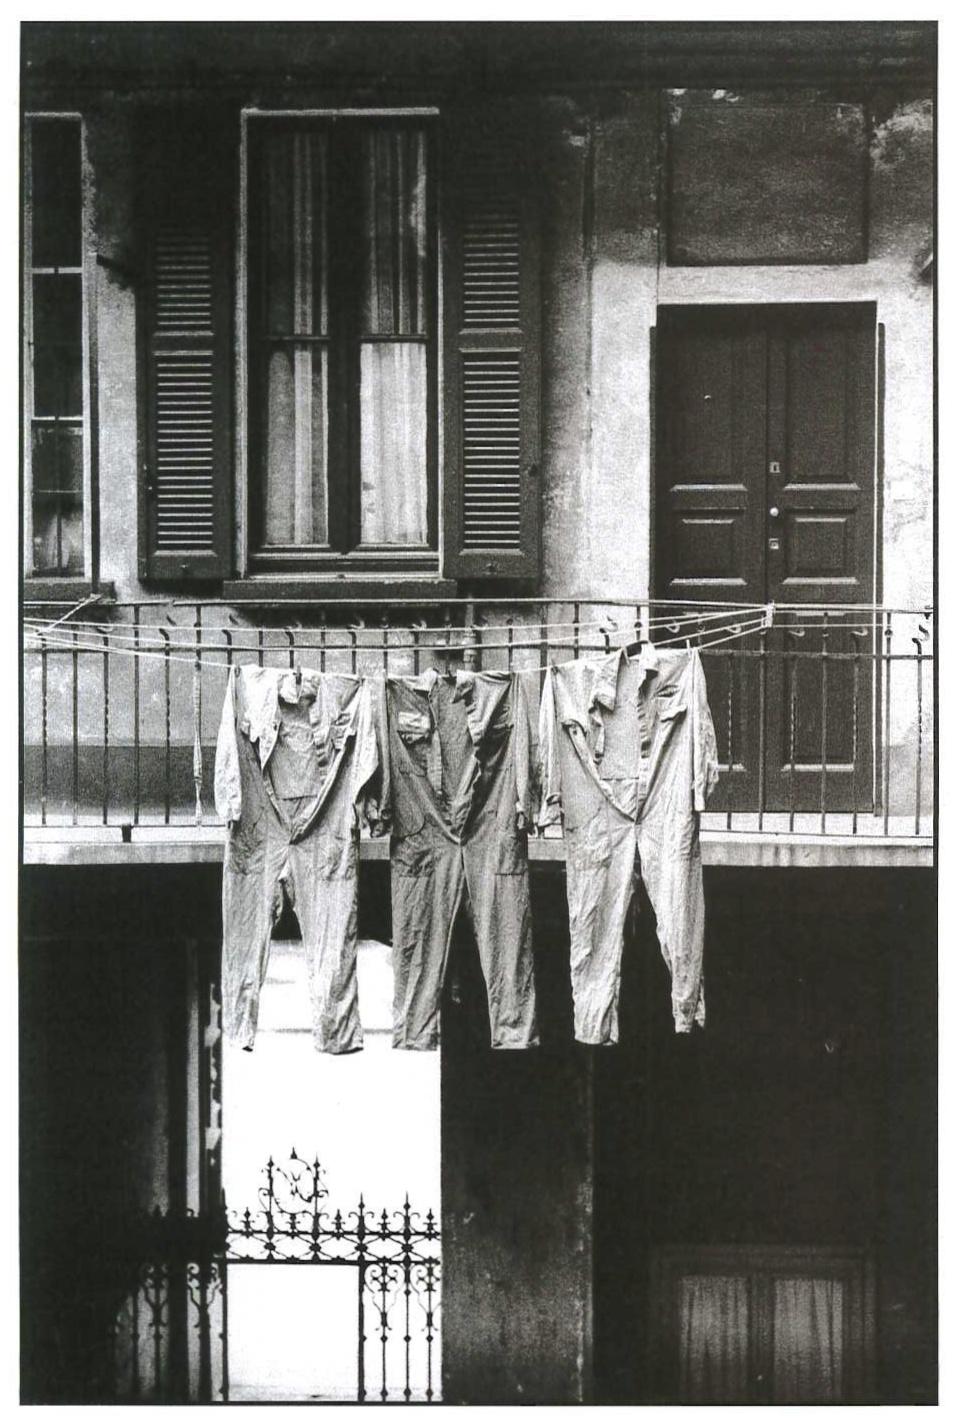 Casa di ringhiera in via Correggio. Milano, 1970.